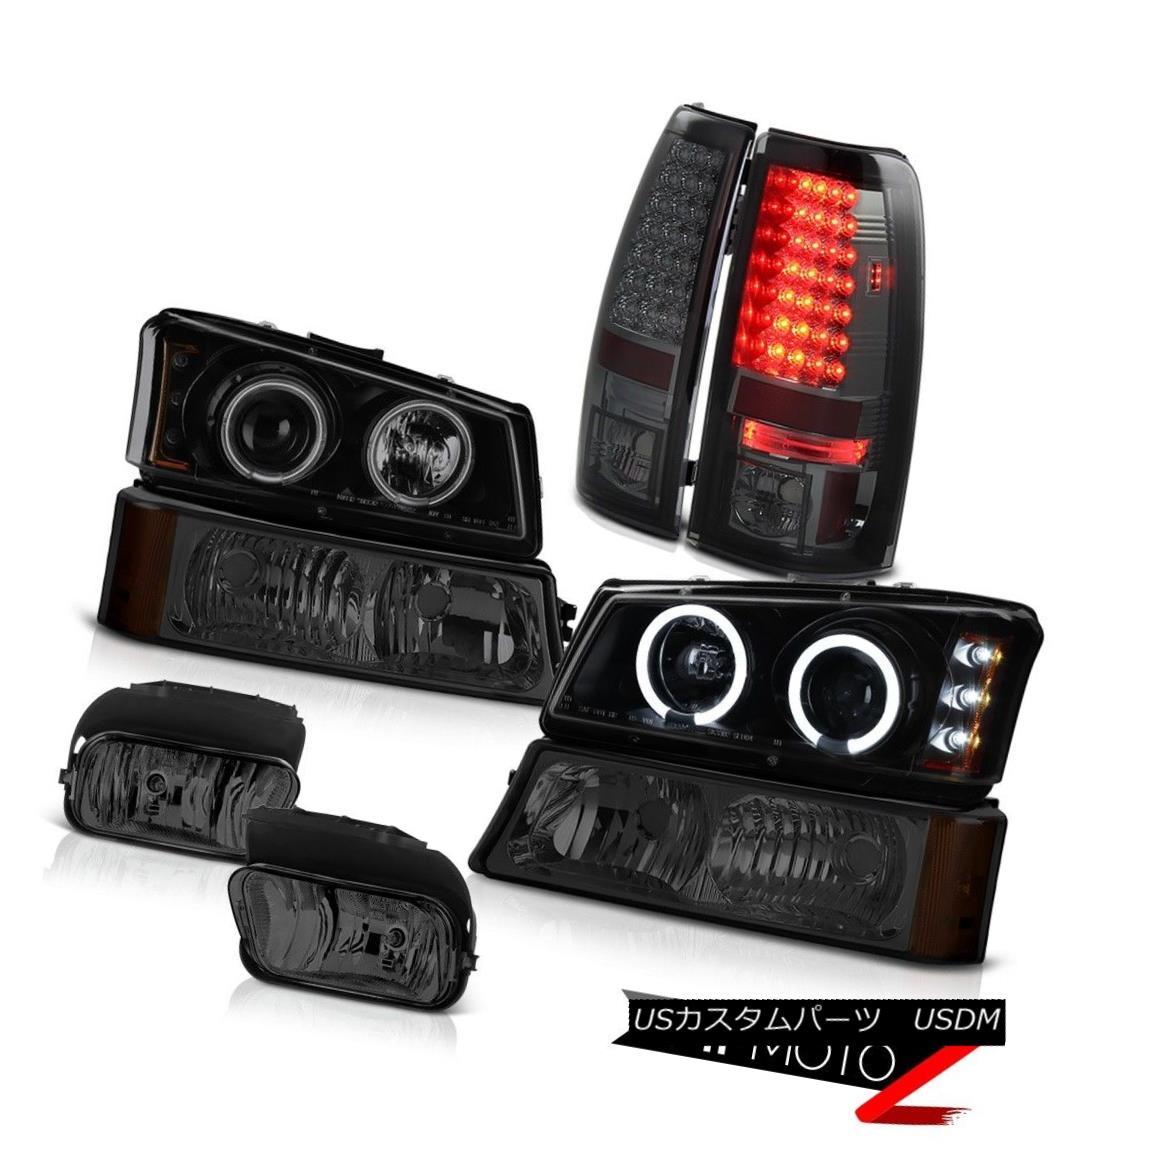 テールライト CCFL Halo Headlight Headlamps Tint LED Tail Lights Foglight 03-06 Silverado 1500 CCFL Haloヘッドライトヘッドランプ色合いテールライトテールライトFoglight 03-06 Silverado 1500